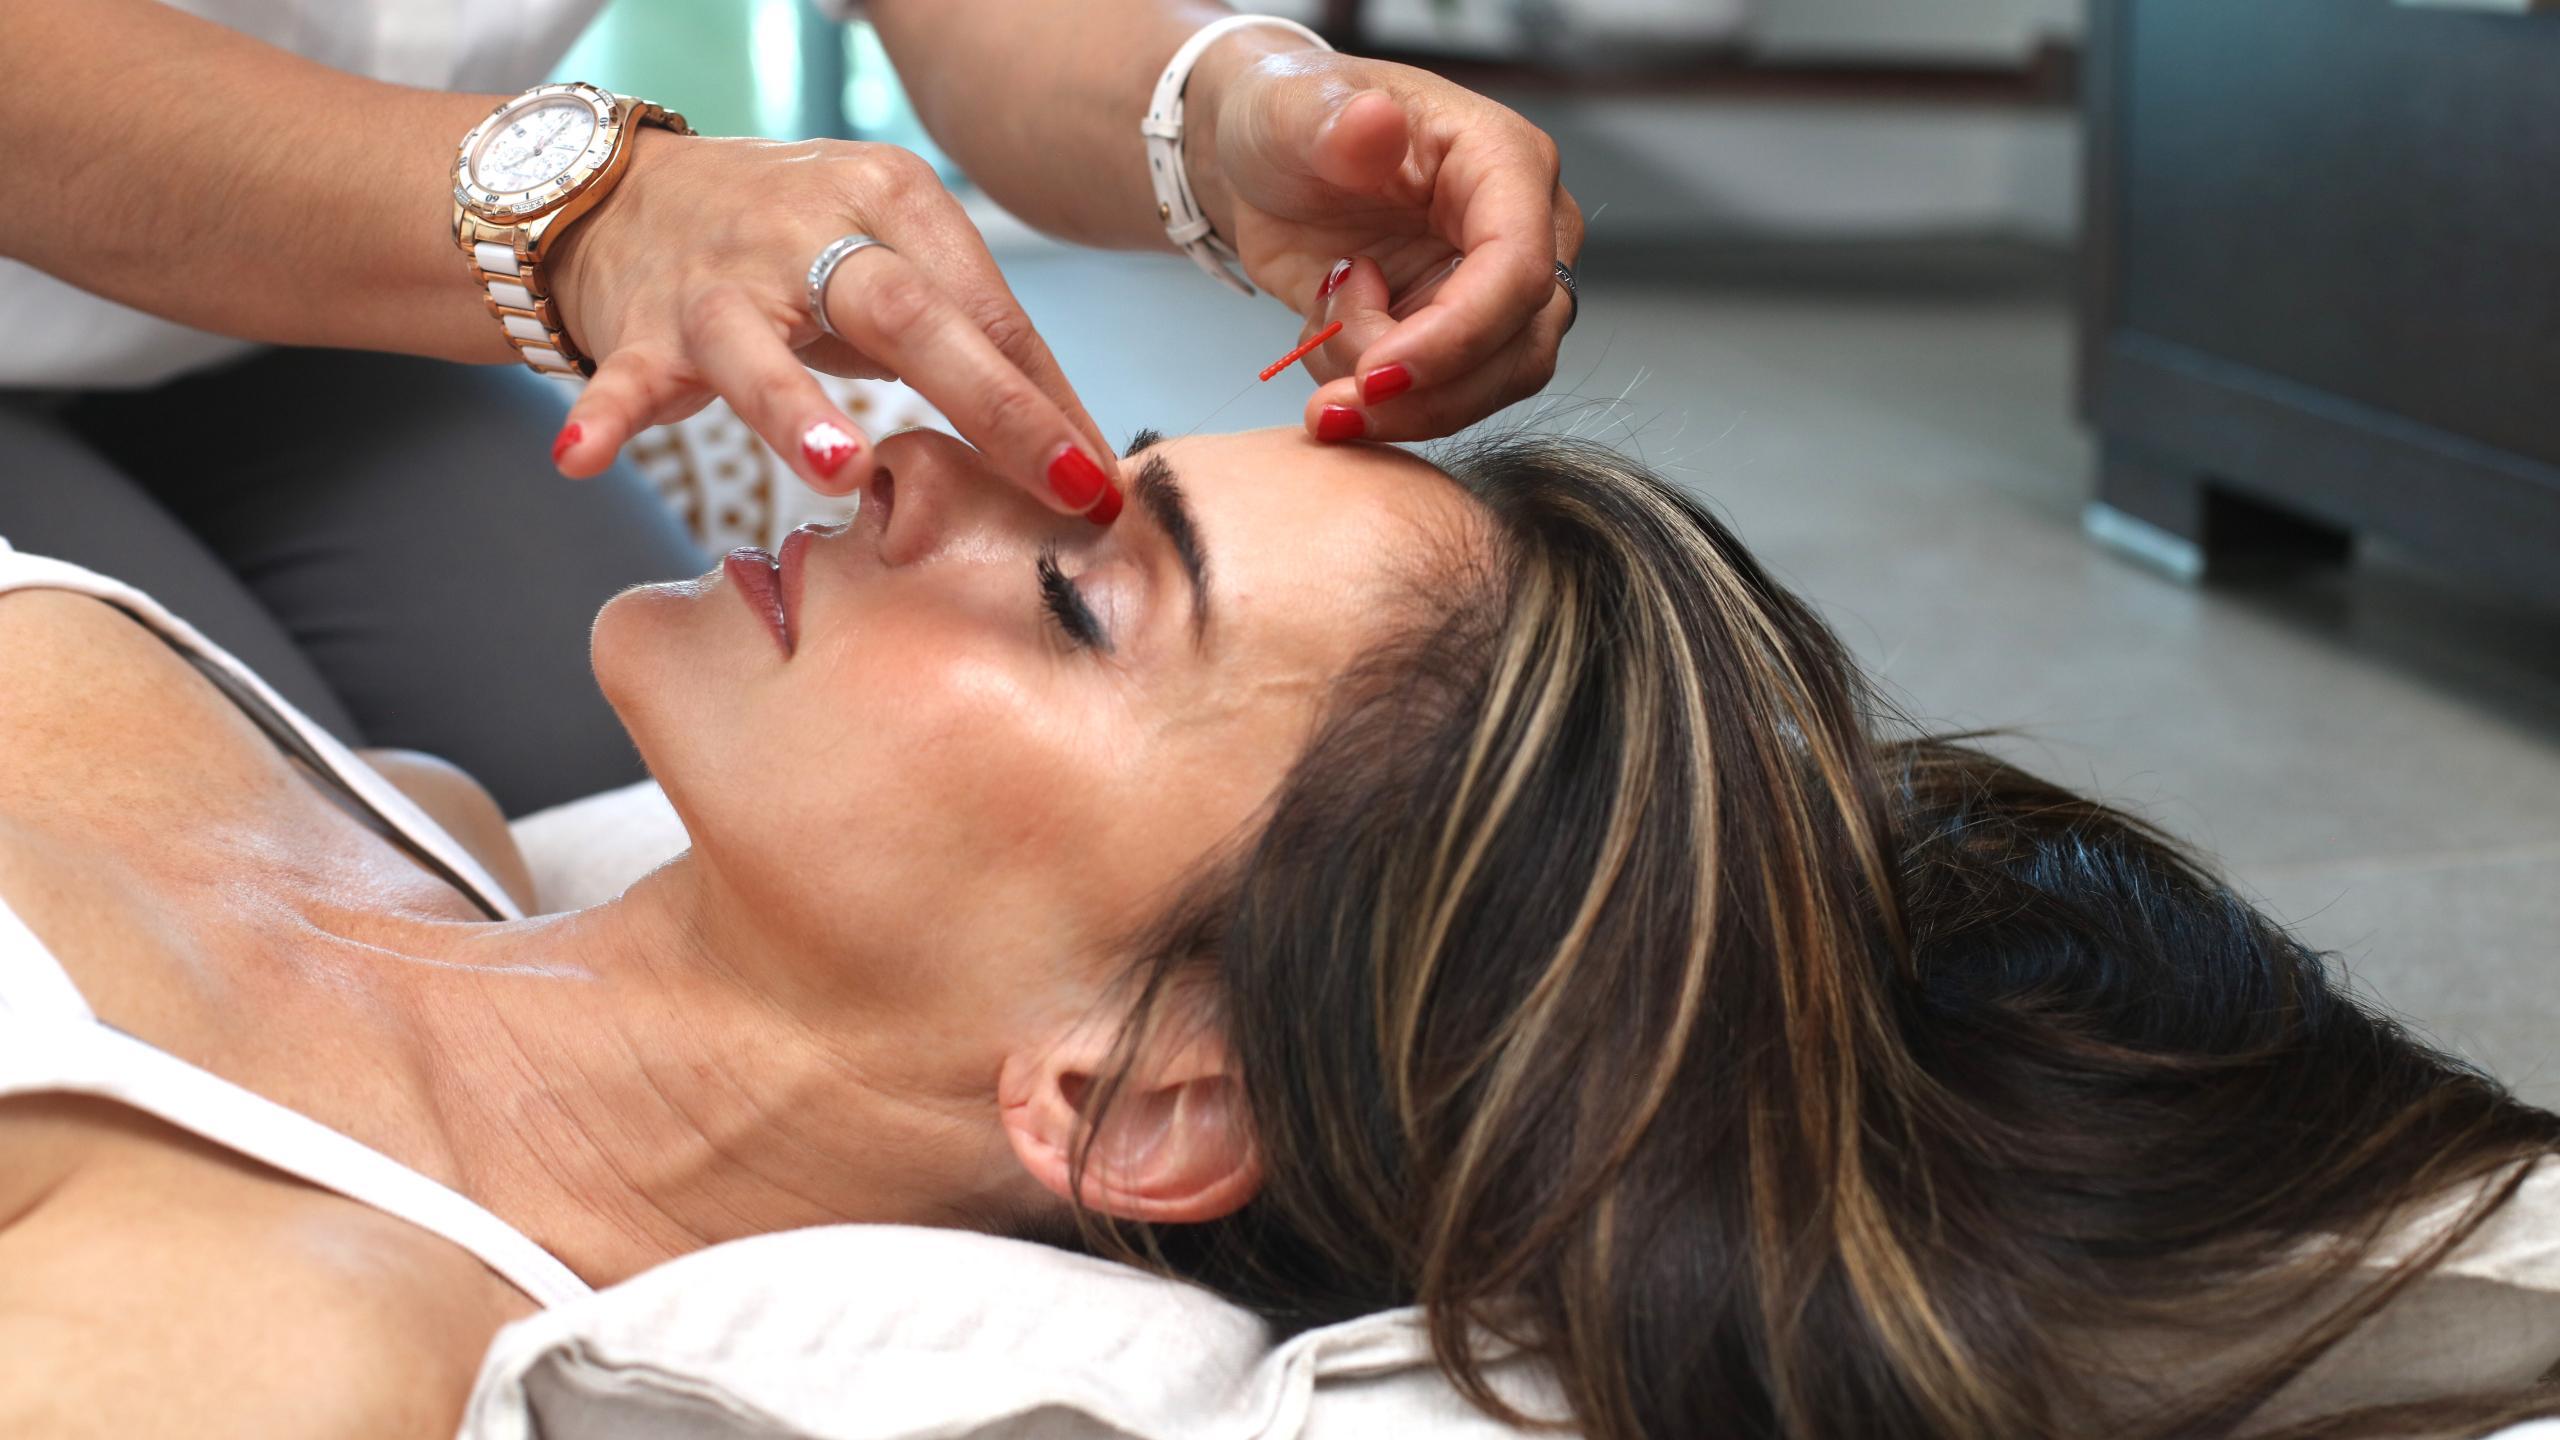 Нетрадиционная медицина: что работает при борьбе с болью?